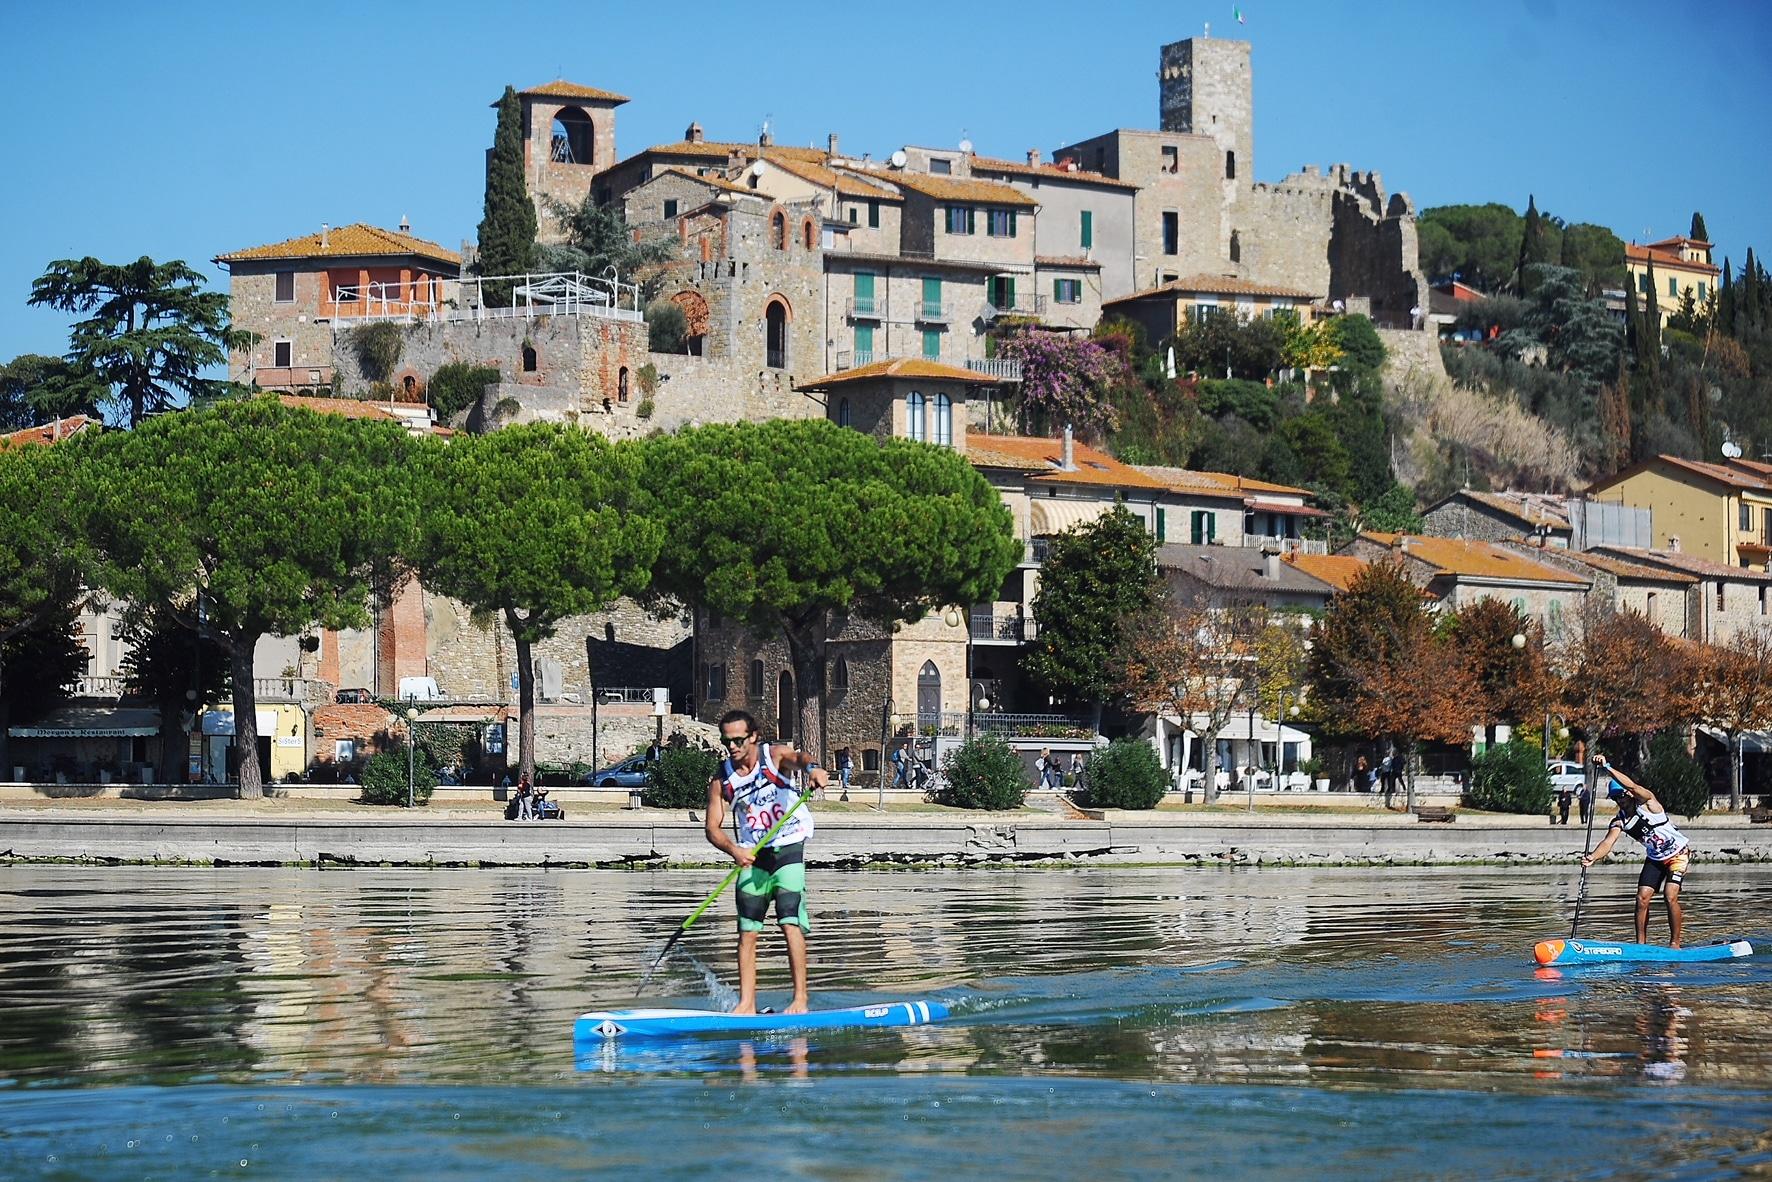 Cosa fare a Passignano sul Trasimeno - sporta acquatici - SUP